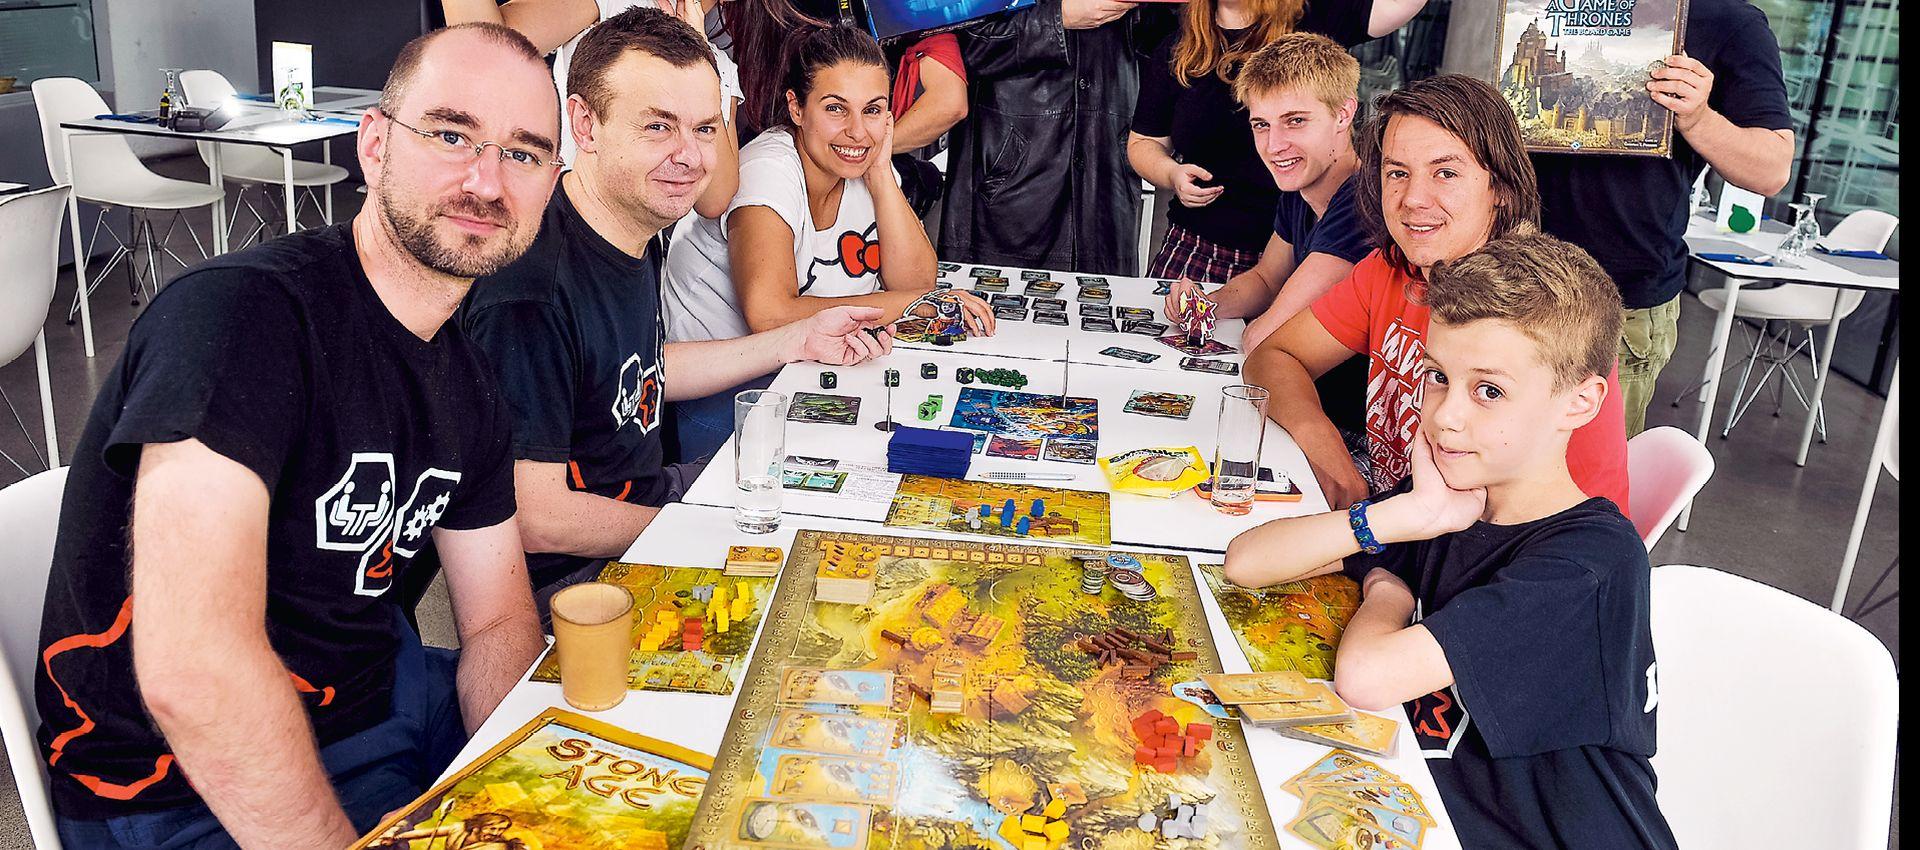 Tržište društvenih igara u Hrvatskoj sve je razvijenije, ulazi u svoje 'zlatno doba'